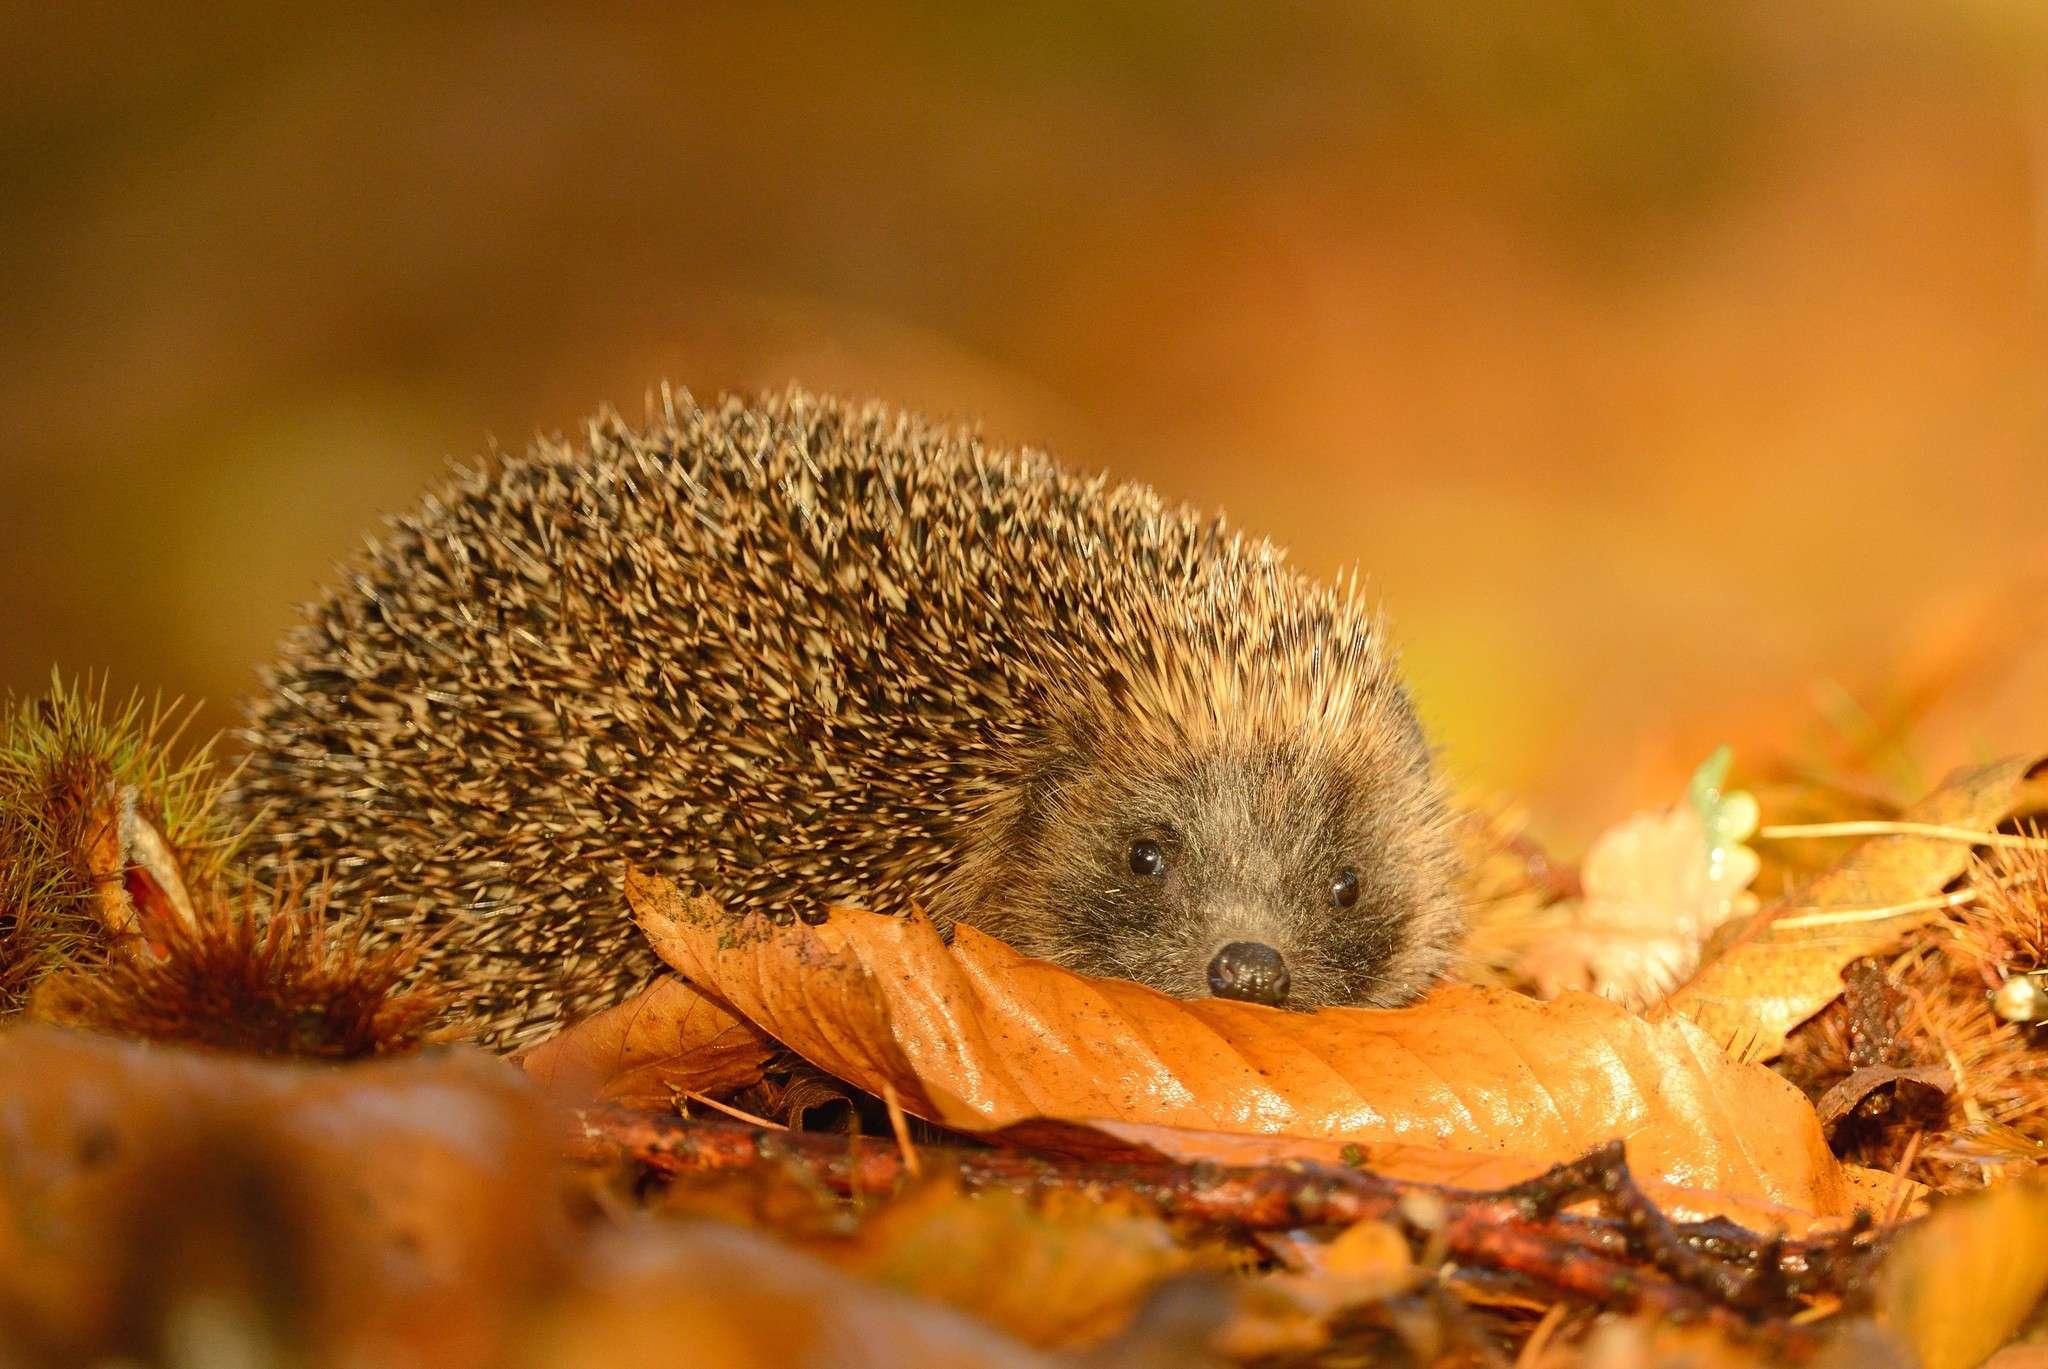 Лесной еж прячется в осенних листьях, фото насекомоядные животные фотография